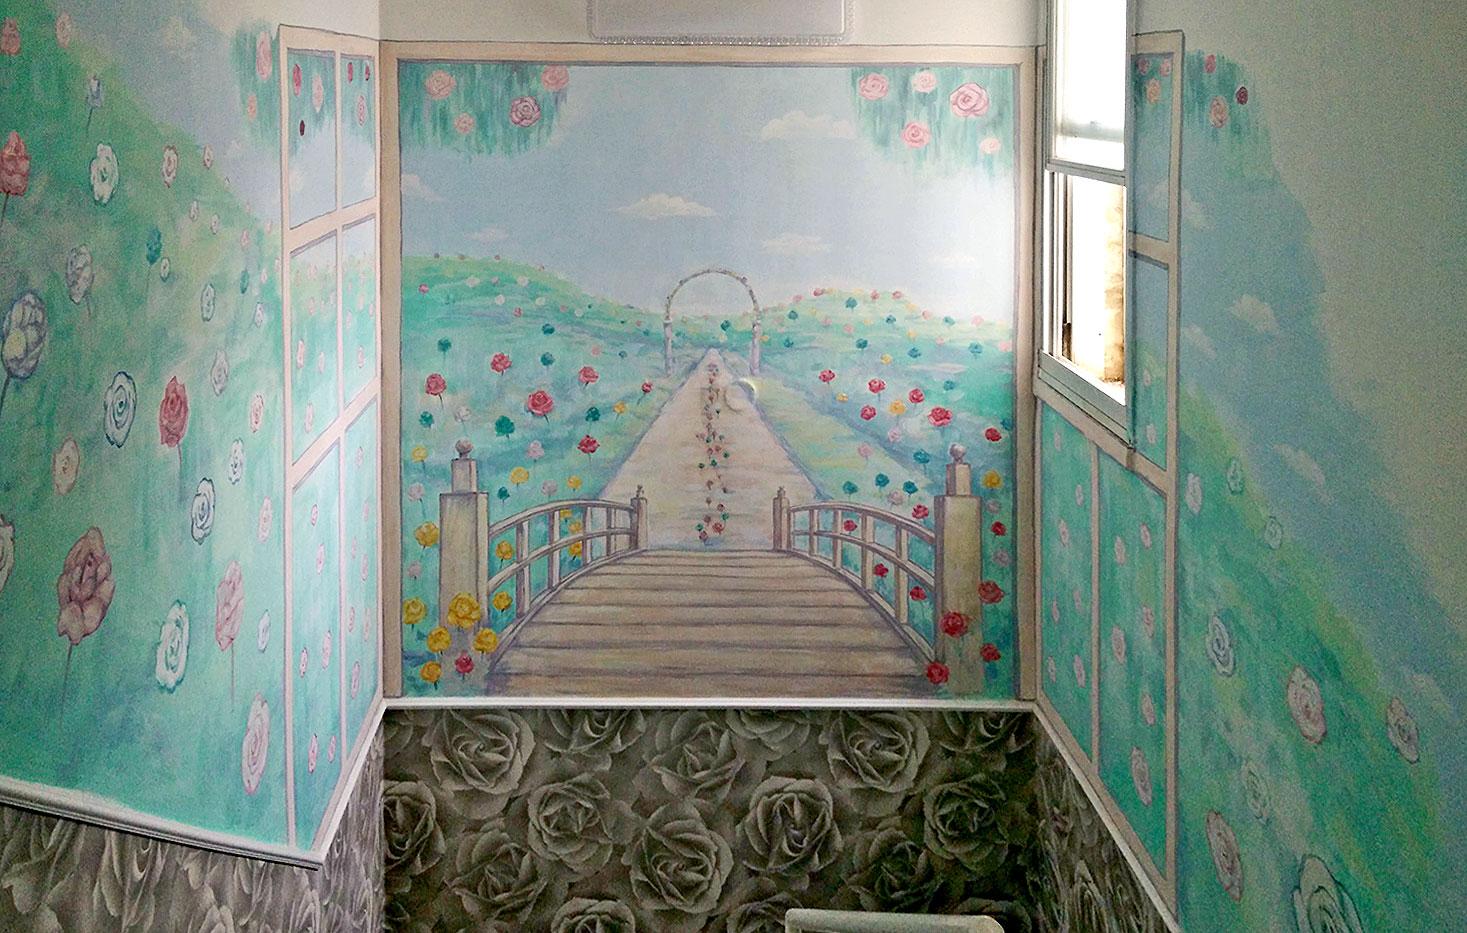 ציורי קיר של נוף עם ורדים בחדר מדרגות של בית הפרטי